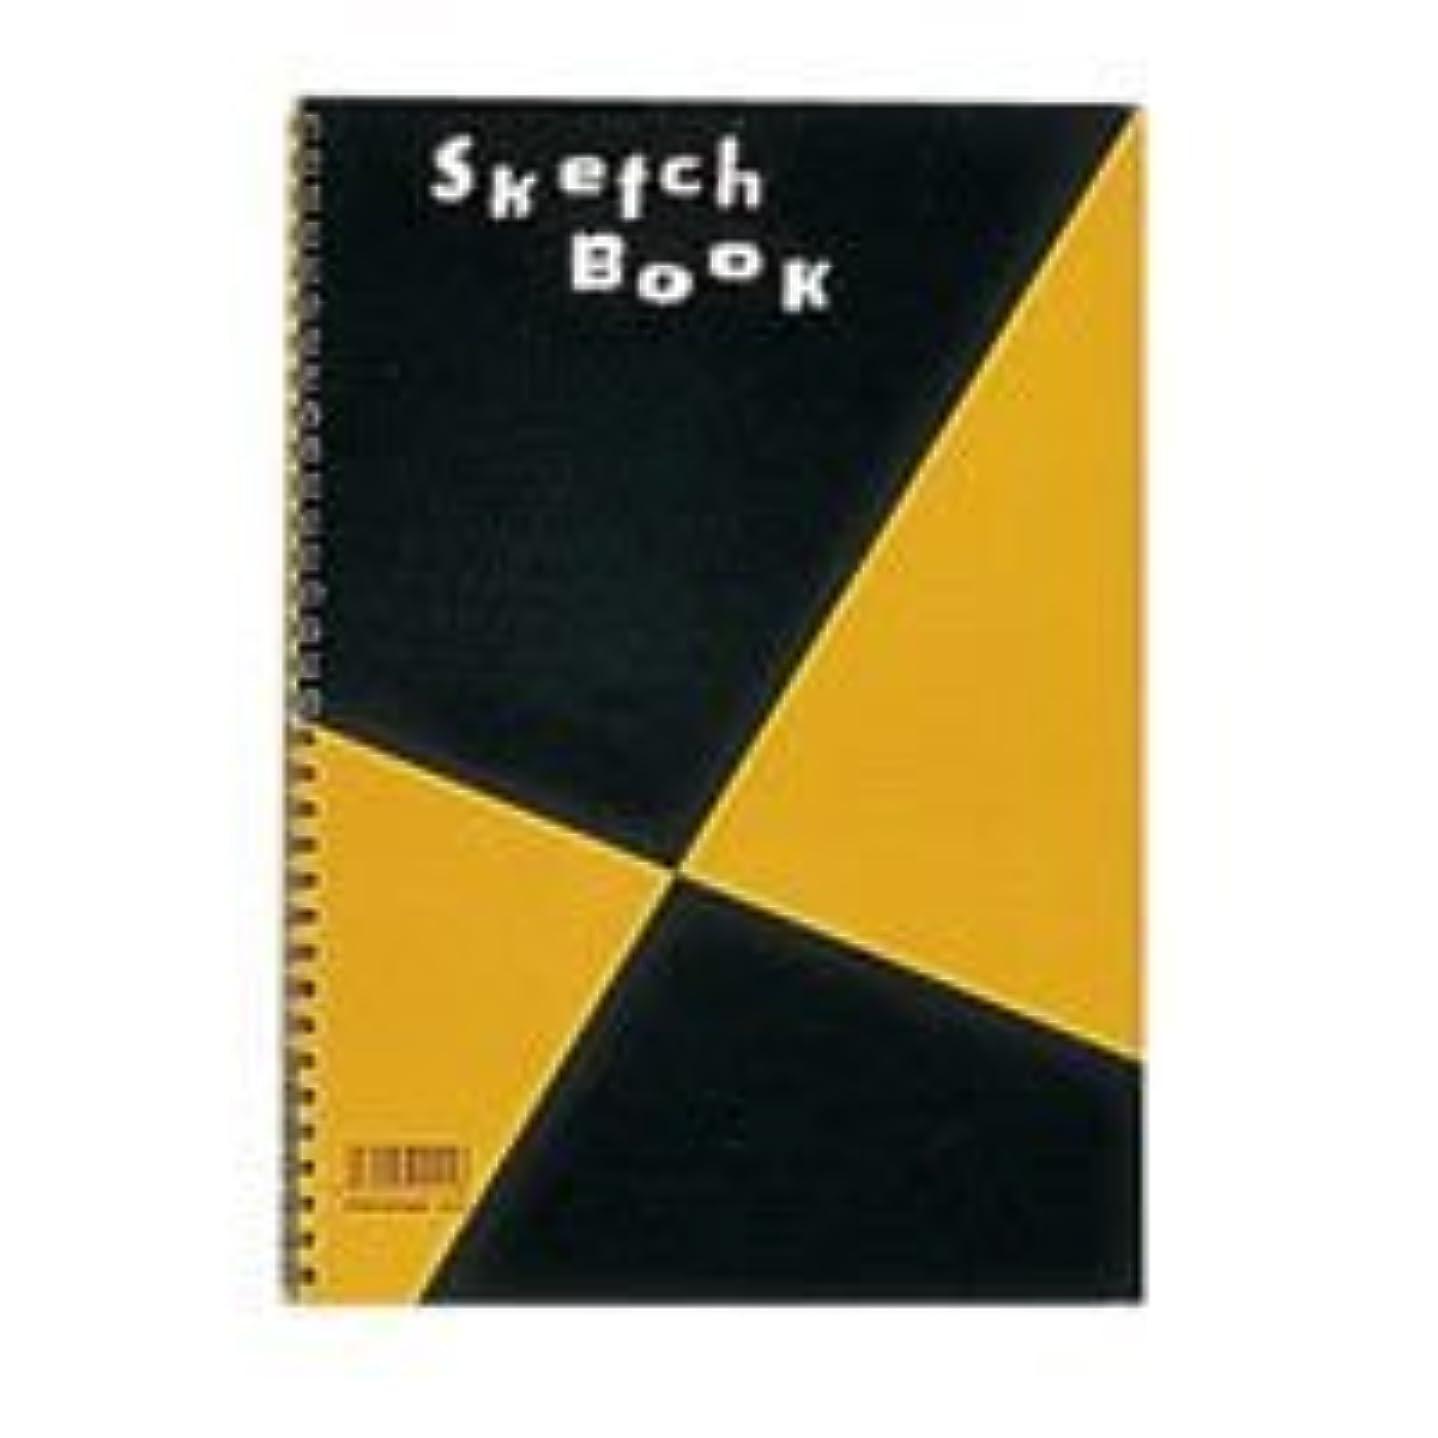 担当者内なるクルーズマルマン スケッチブック 図案印刷シリーズ 並口(中性紙) A4 (287×202mm) 24枚 S131 / 10冊